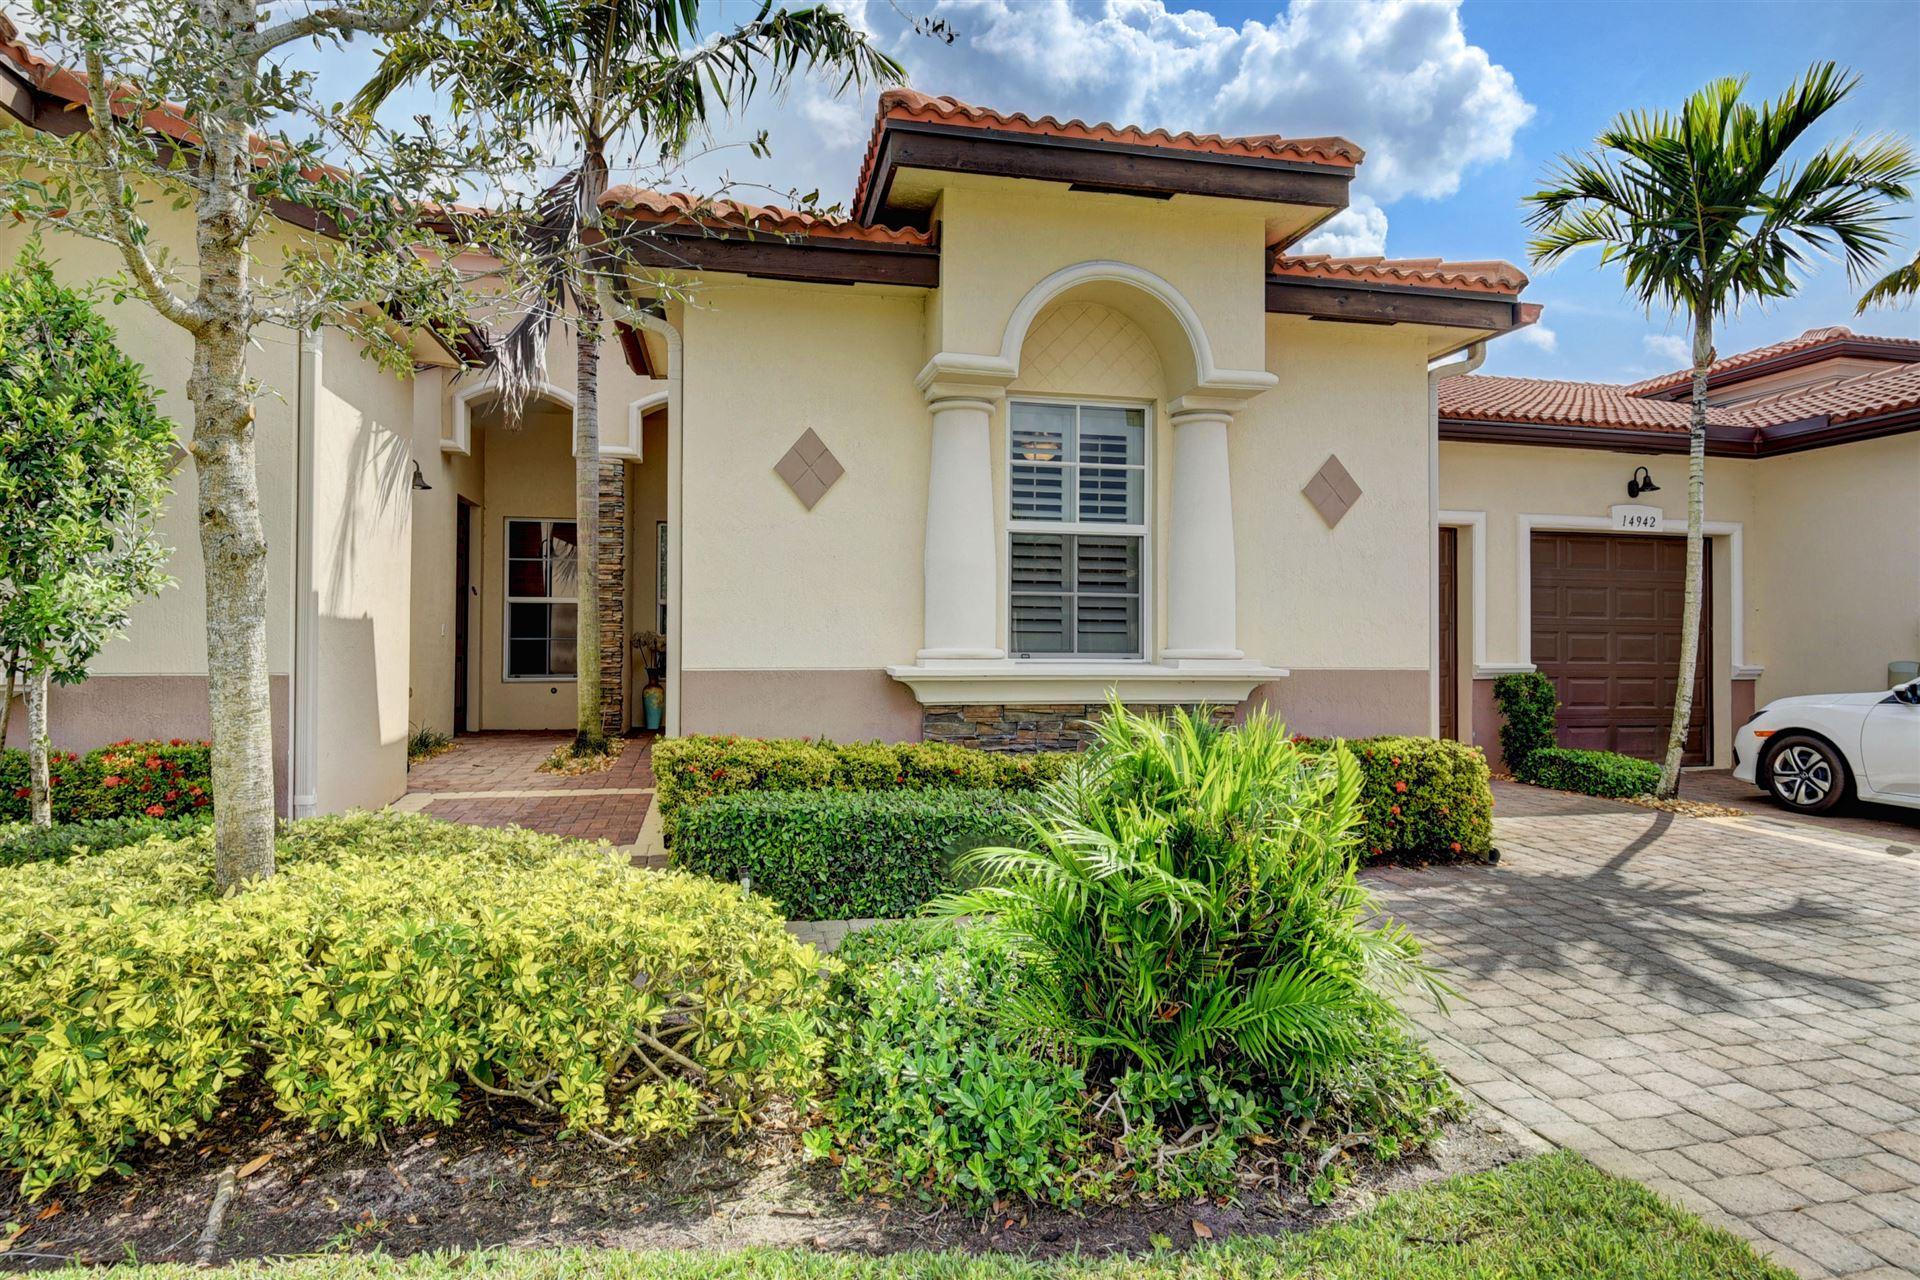 14938 Barletta Way, Delray Beach, FL 33446 - #: RX-10606172